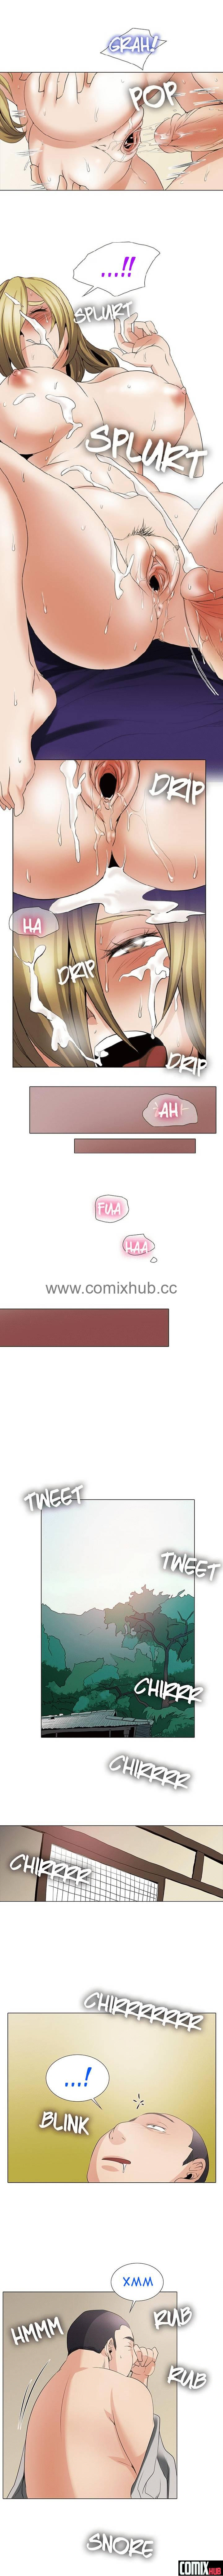 Манхва Художники для взрослых, часть 26 Хентай манга, манхва, Без цензуры, Большая грудь, Минет